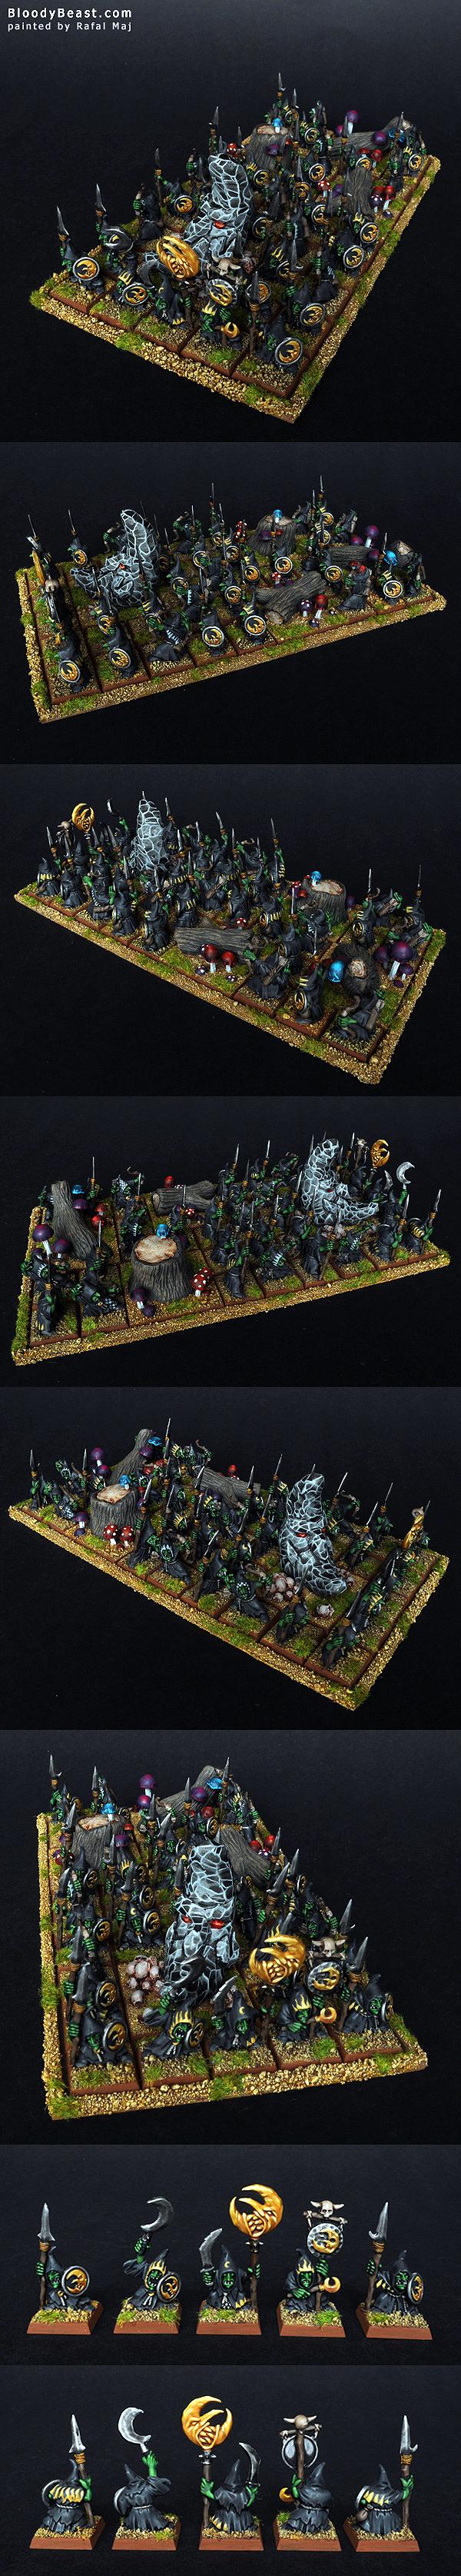 Night Goblins Horde painted by Rafal Maj (BloodyBeast.com)